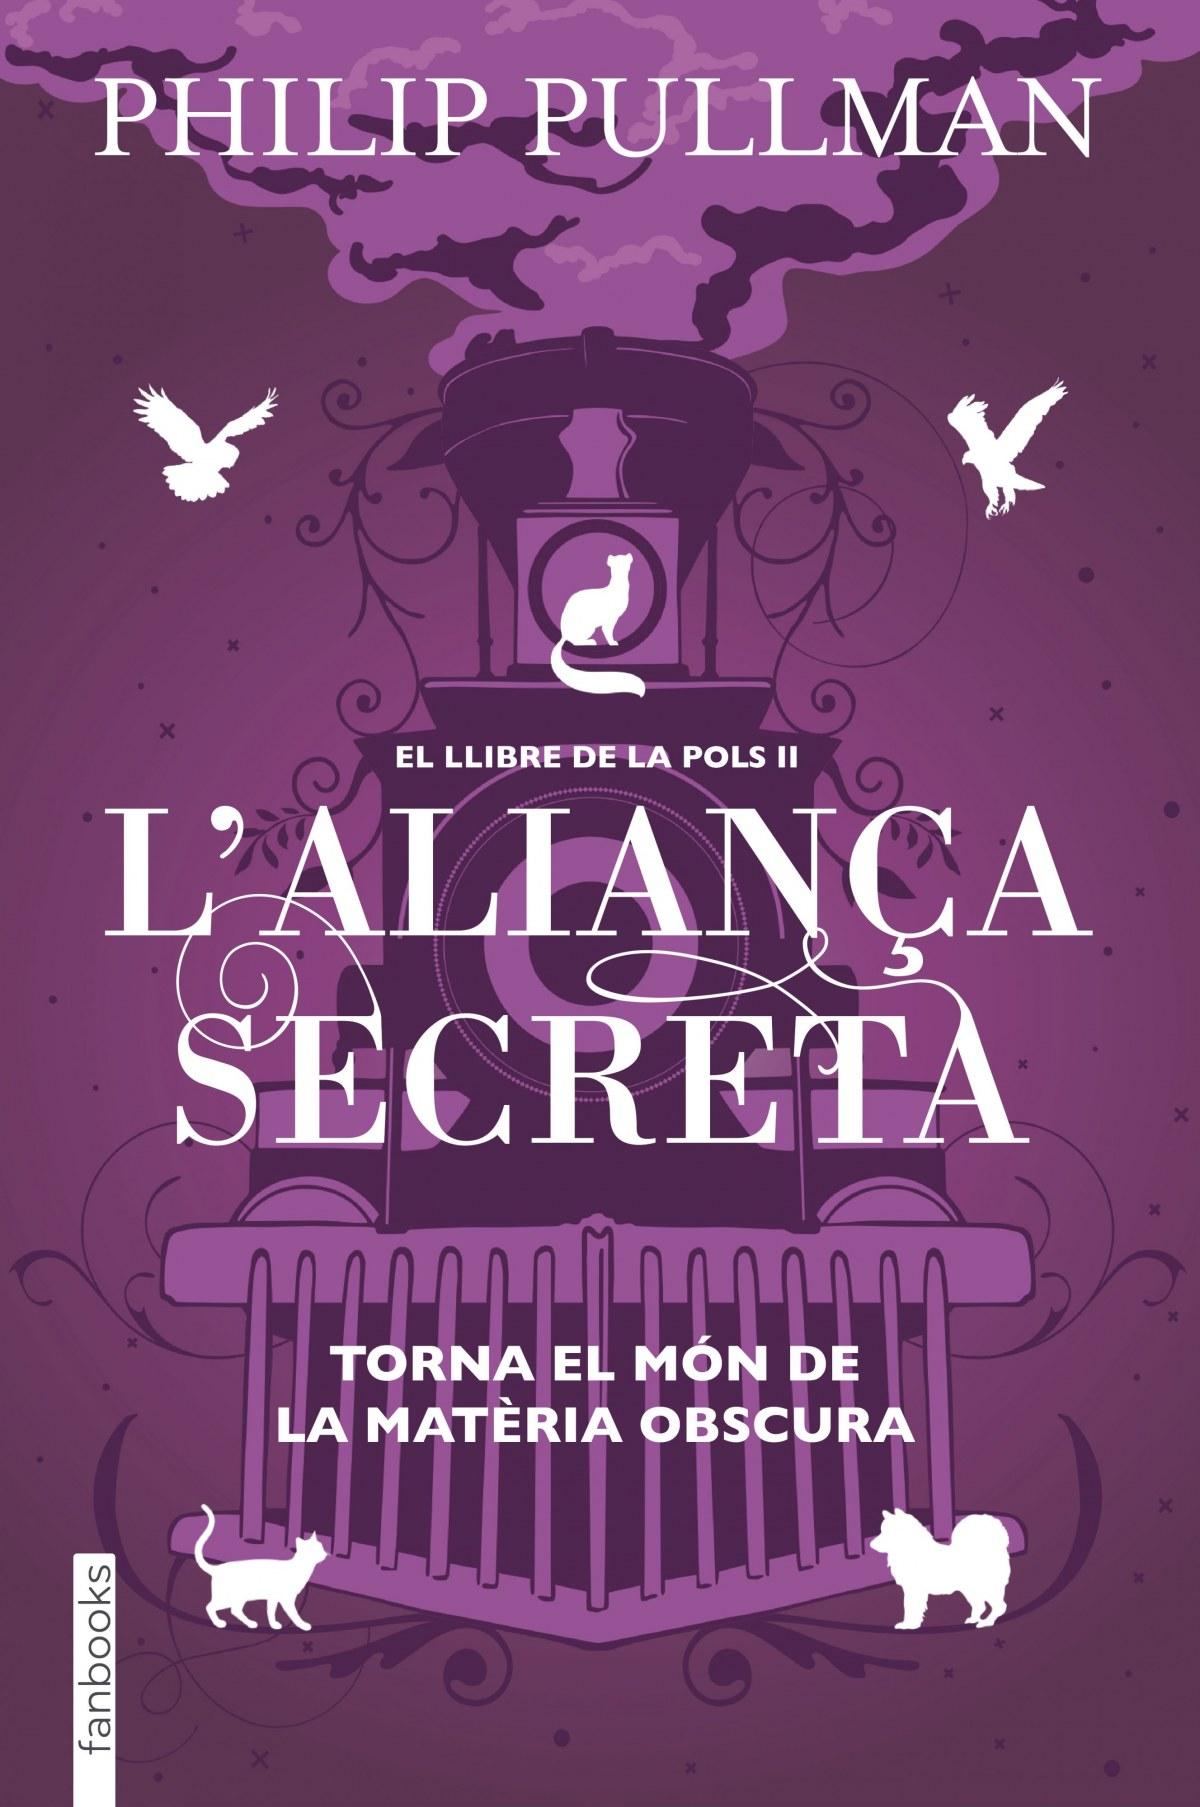 El Llibre de la Pols 2. L aliança secreta 9788417515713